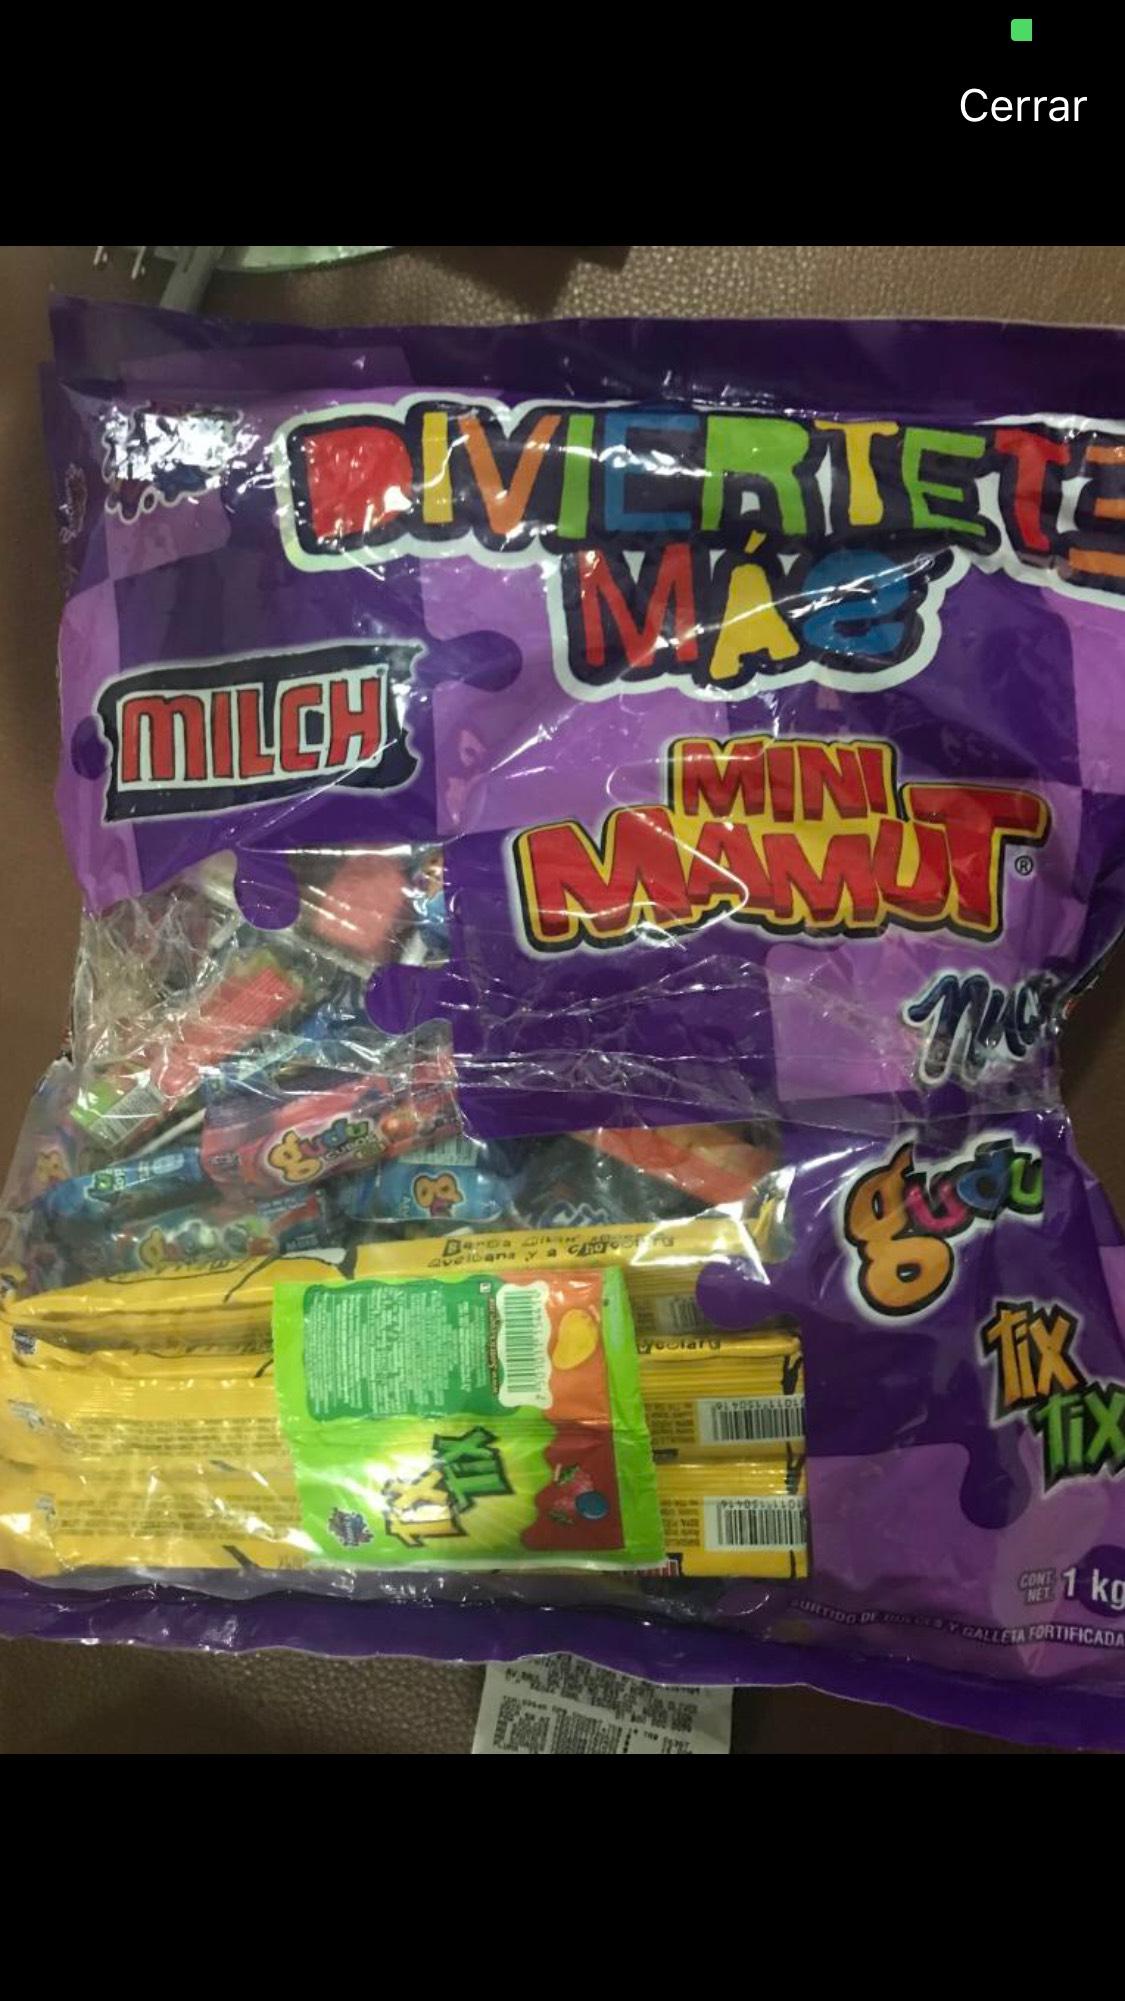 Paquete de Dulces 1 kg Diviértete más Walmart Tecnológico Colima